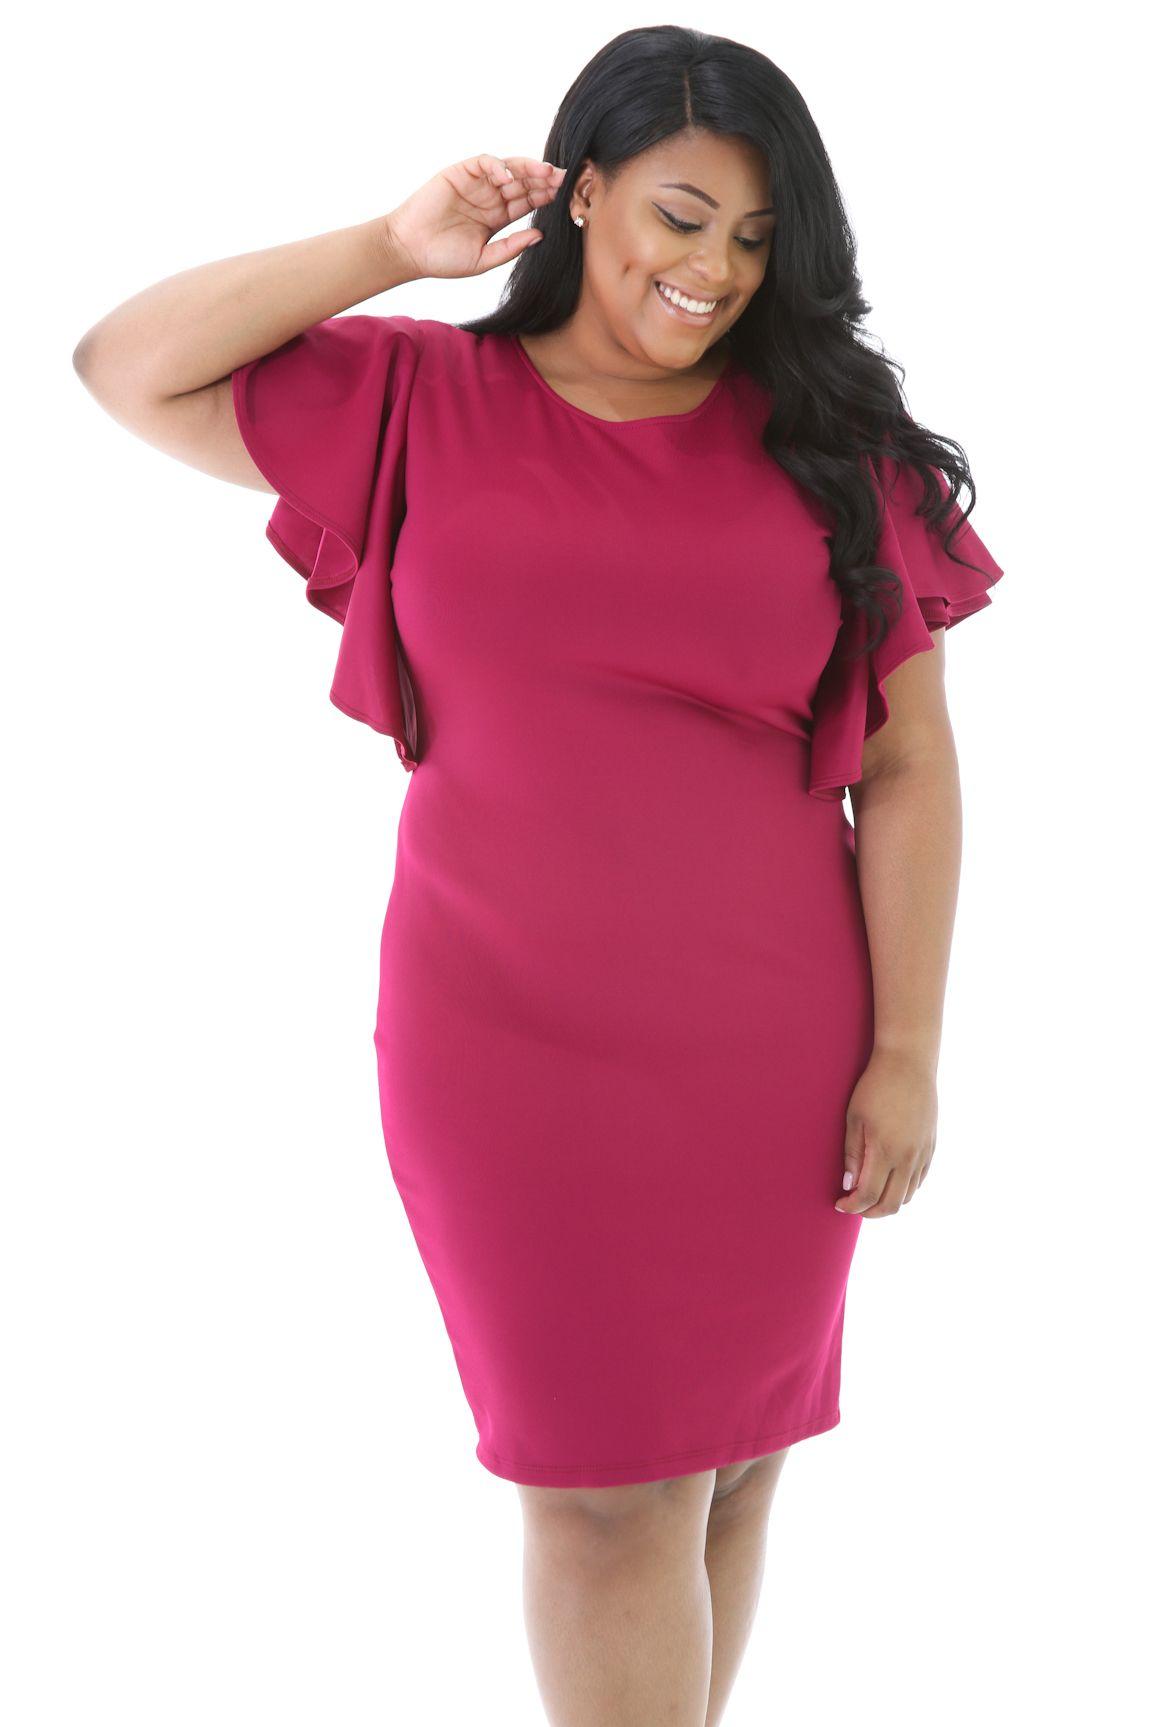 Flare short sleeve dress classy pinterest short sleeve dresses